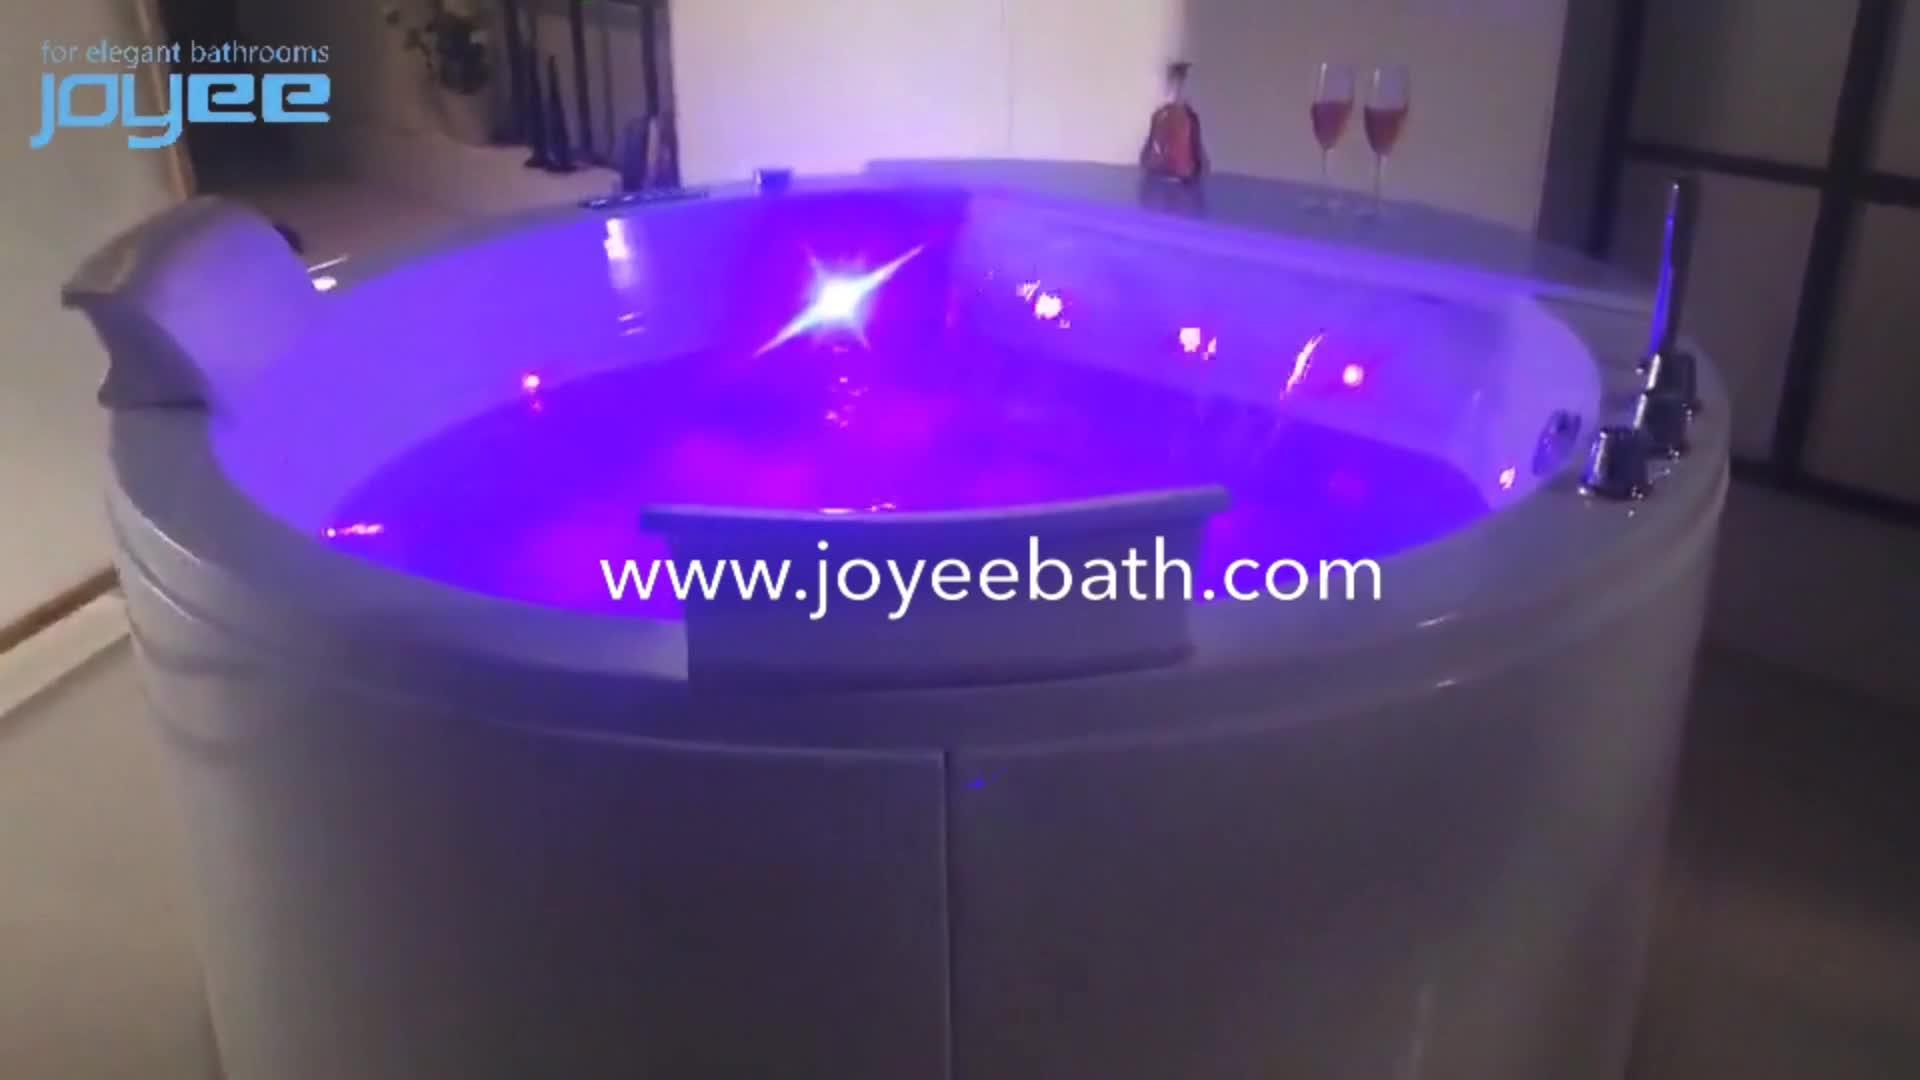 JOYEE d'intérieur spa rond baignoire en laiton cuivre robinet en plastique acrylique baignoire au sol avec fonction jacuzzi pour adultes